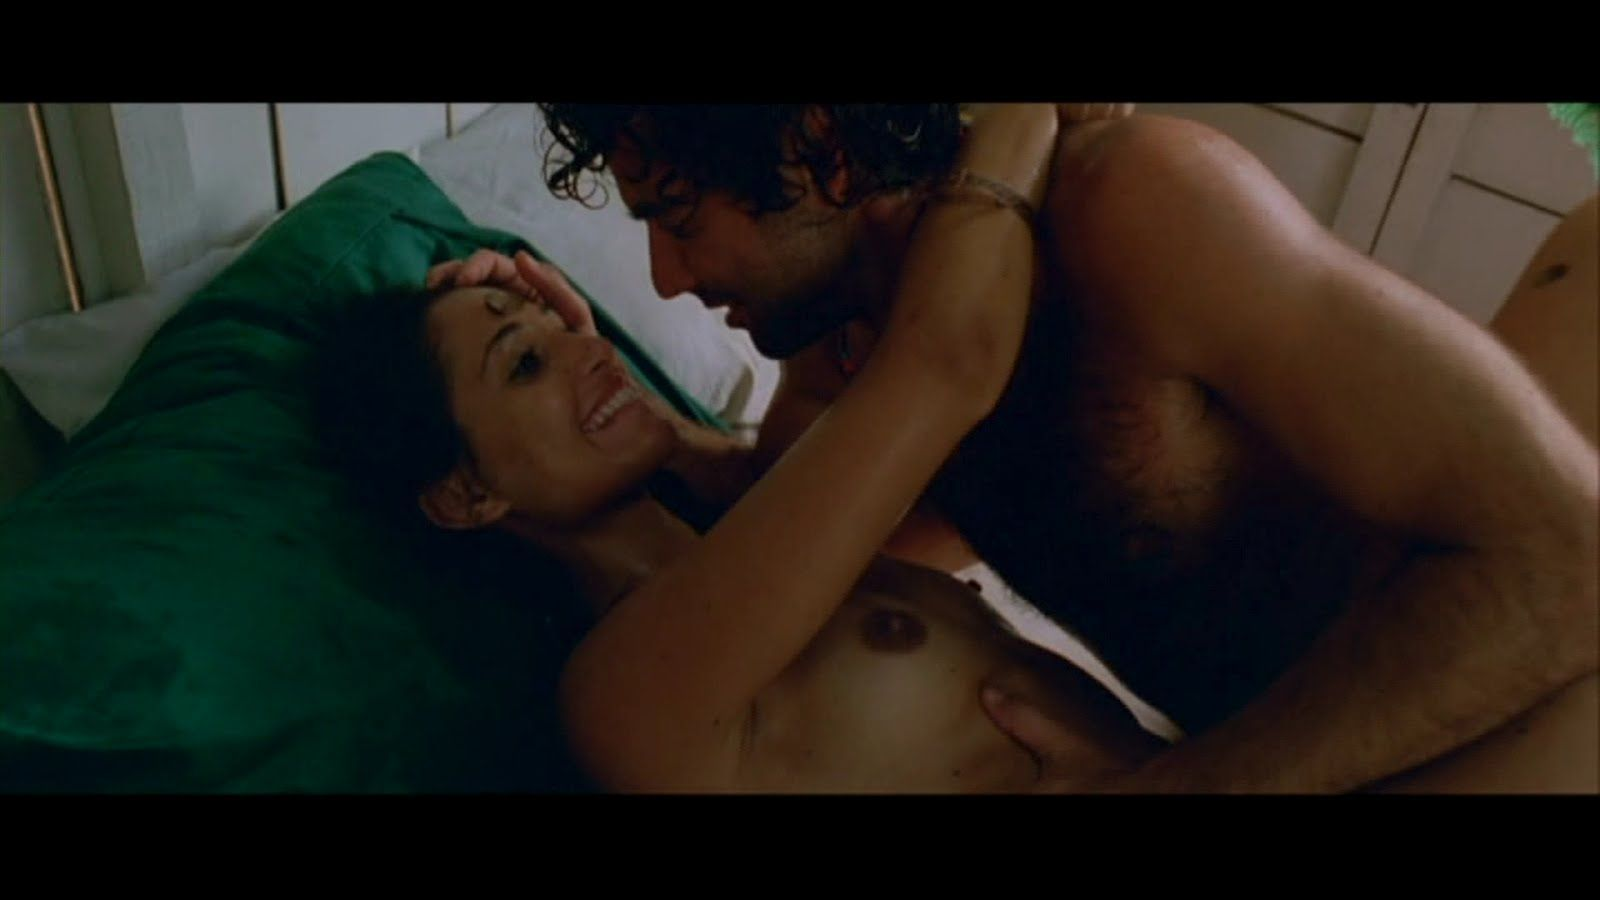 Camila-pitanga-transando-em-cena-de-filme-5